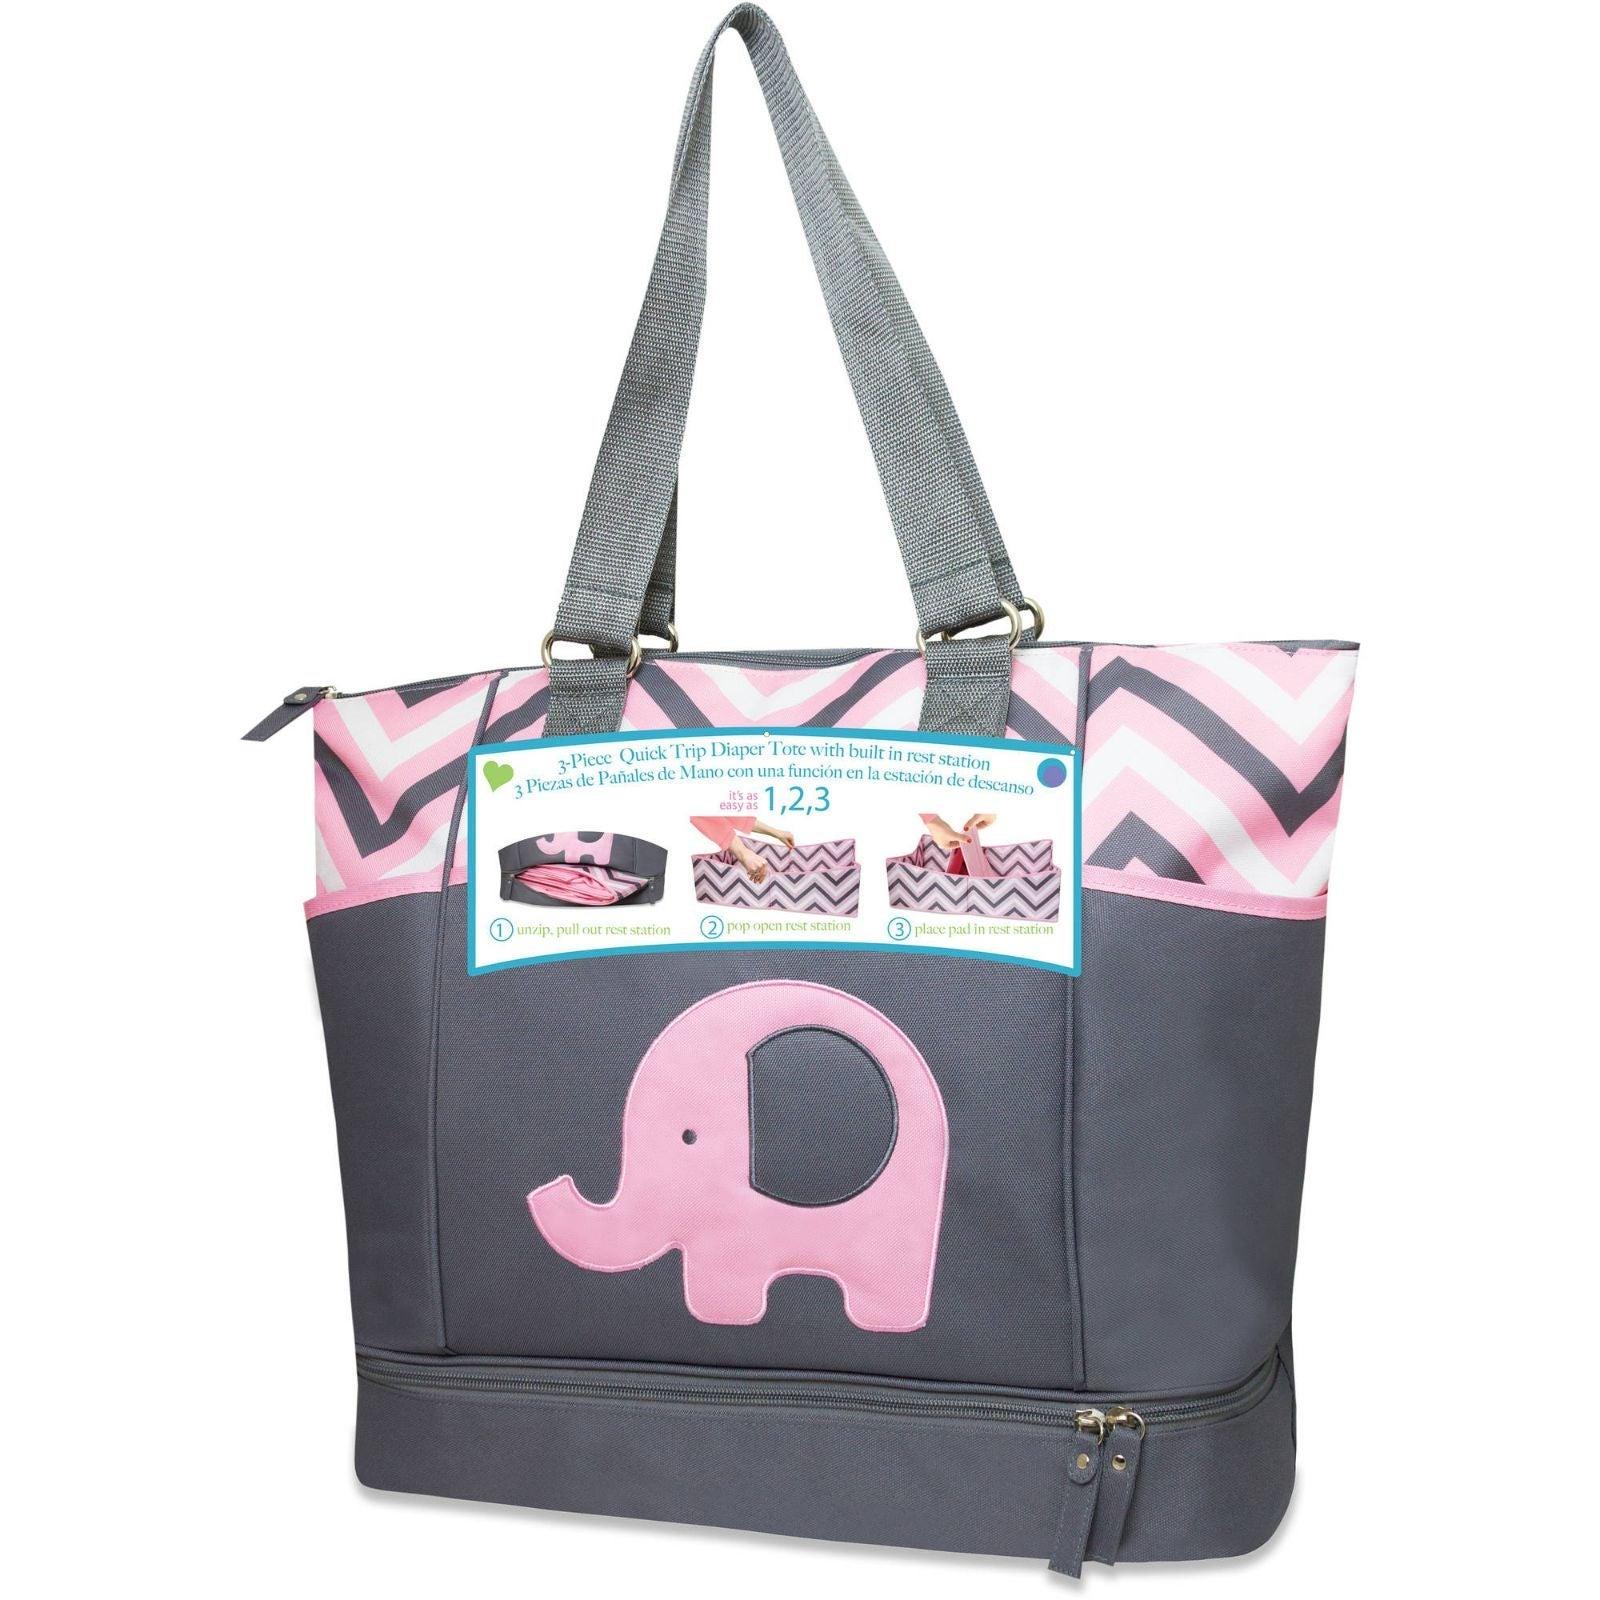 Porta Bed Diaper Bag Pink Gray